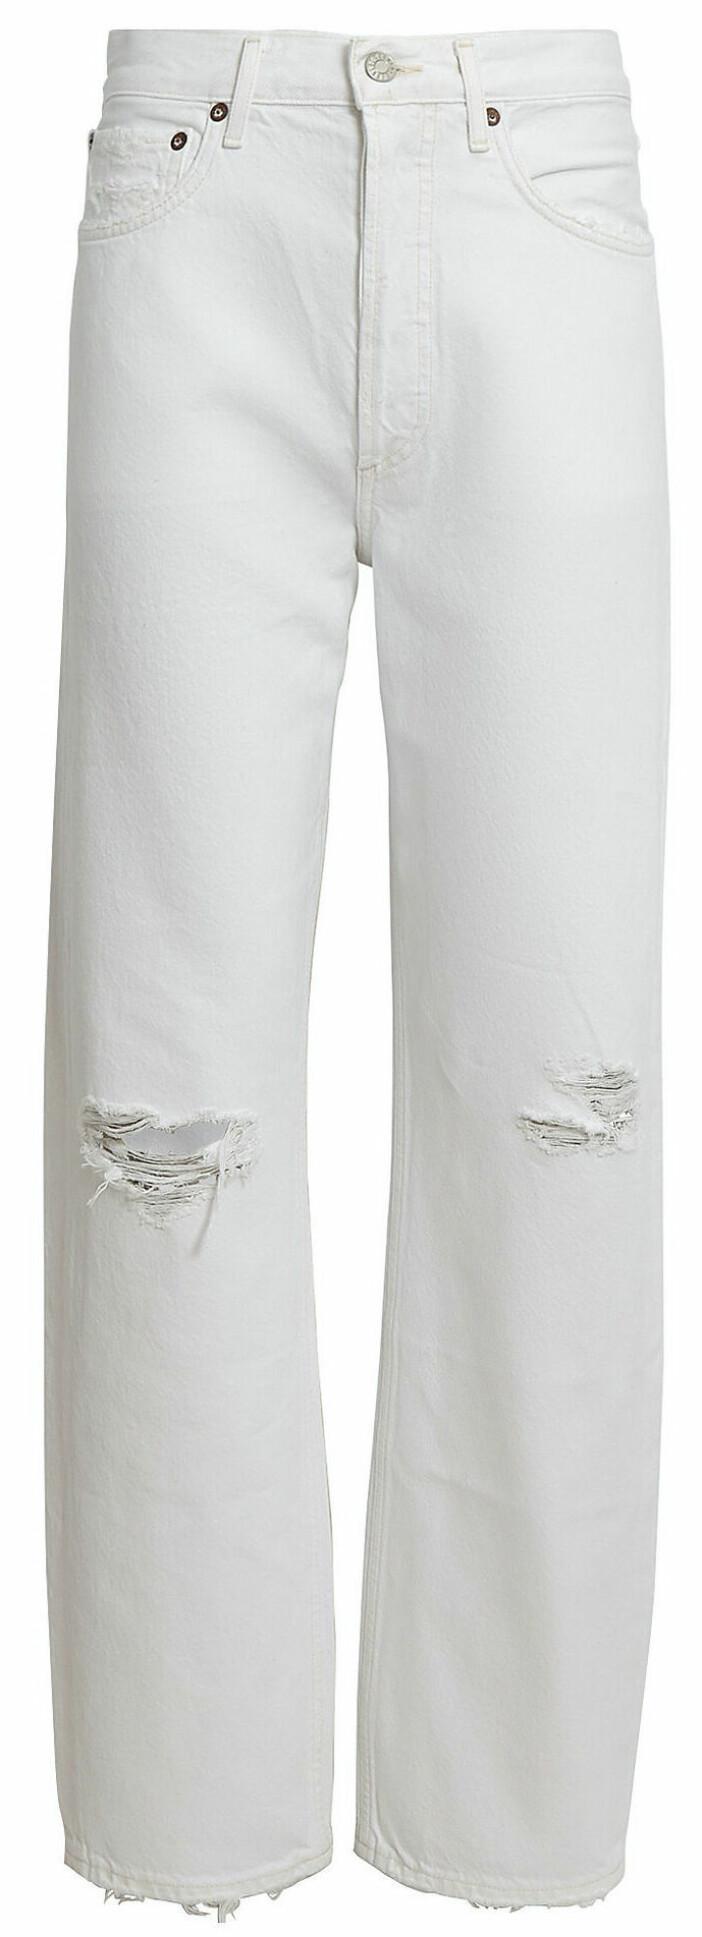 Vita jeans från Agolde med dekorativa håldetaljer